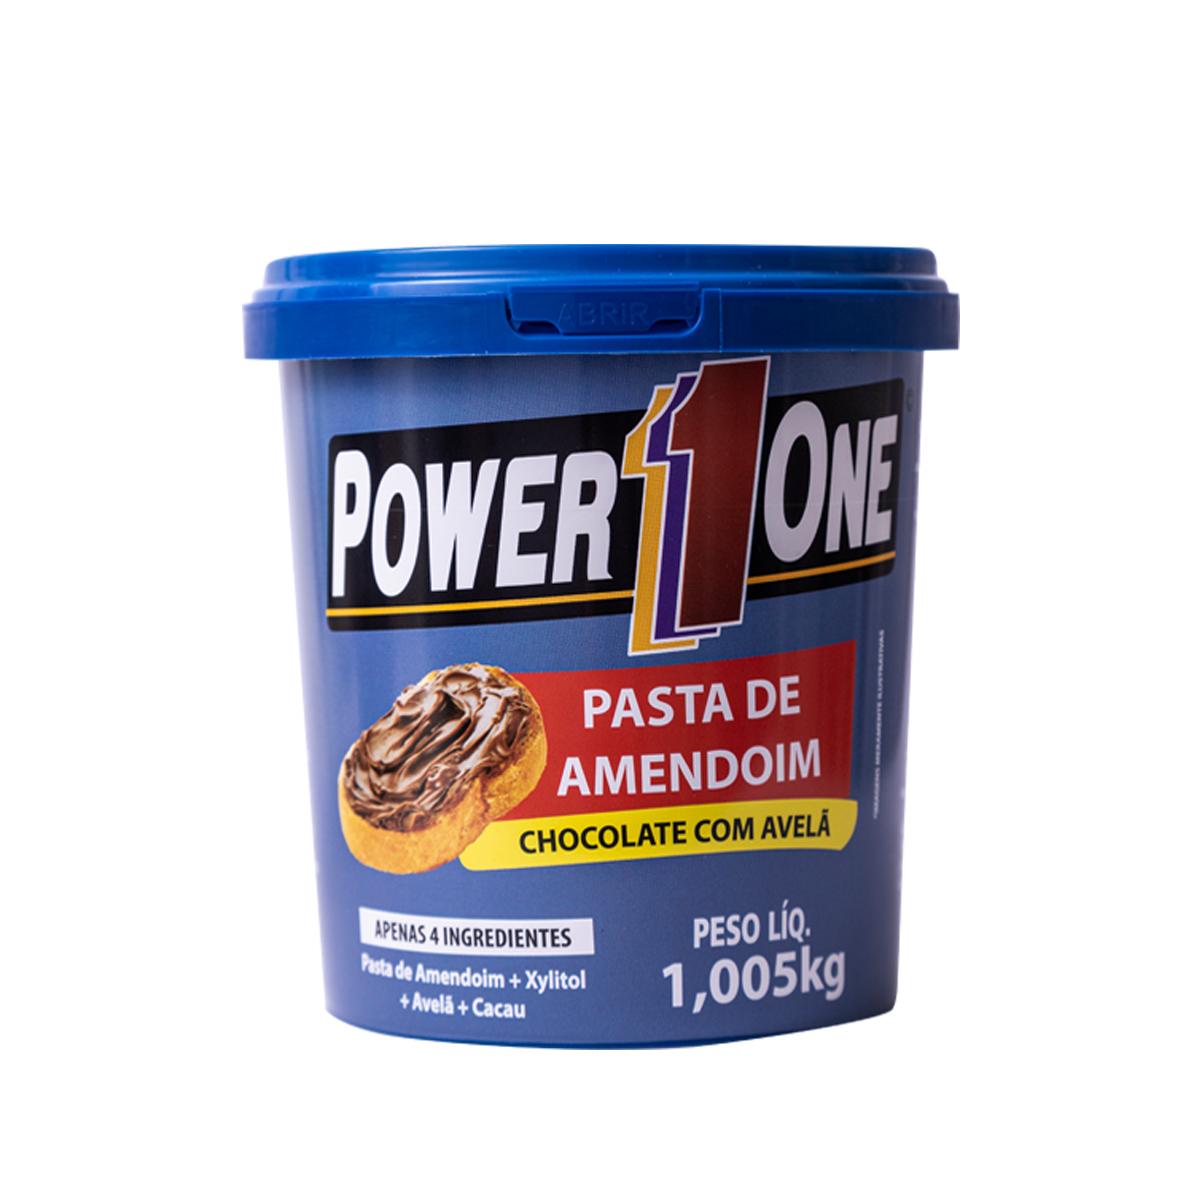 Pasta Amendoim Sabor Chocolate com Avelã 1,005kg - Power1One